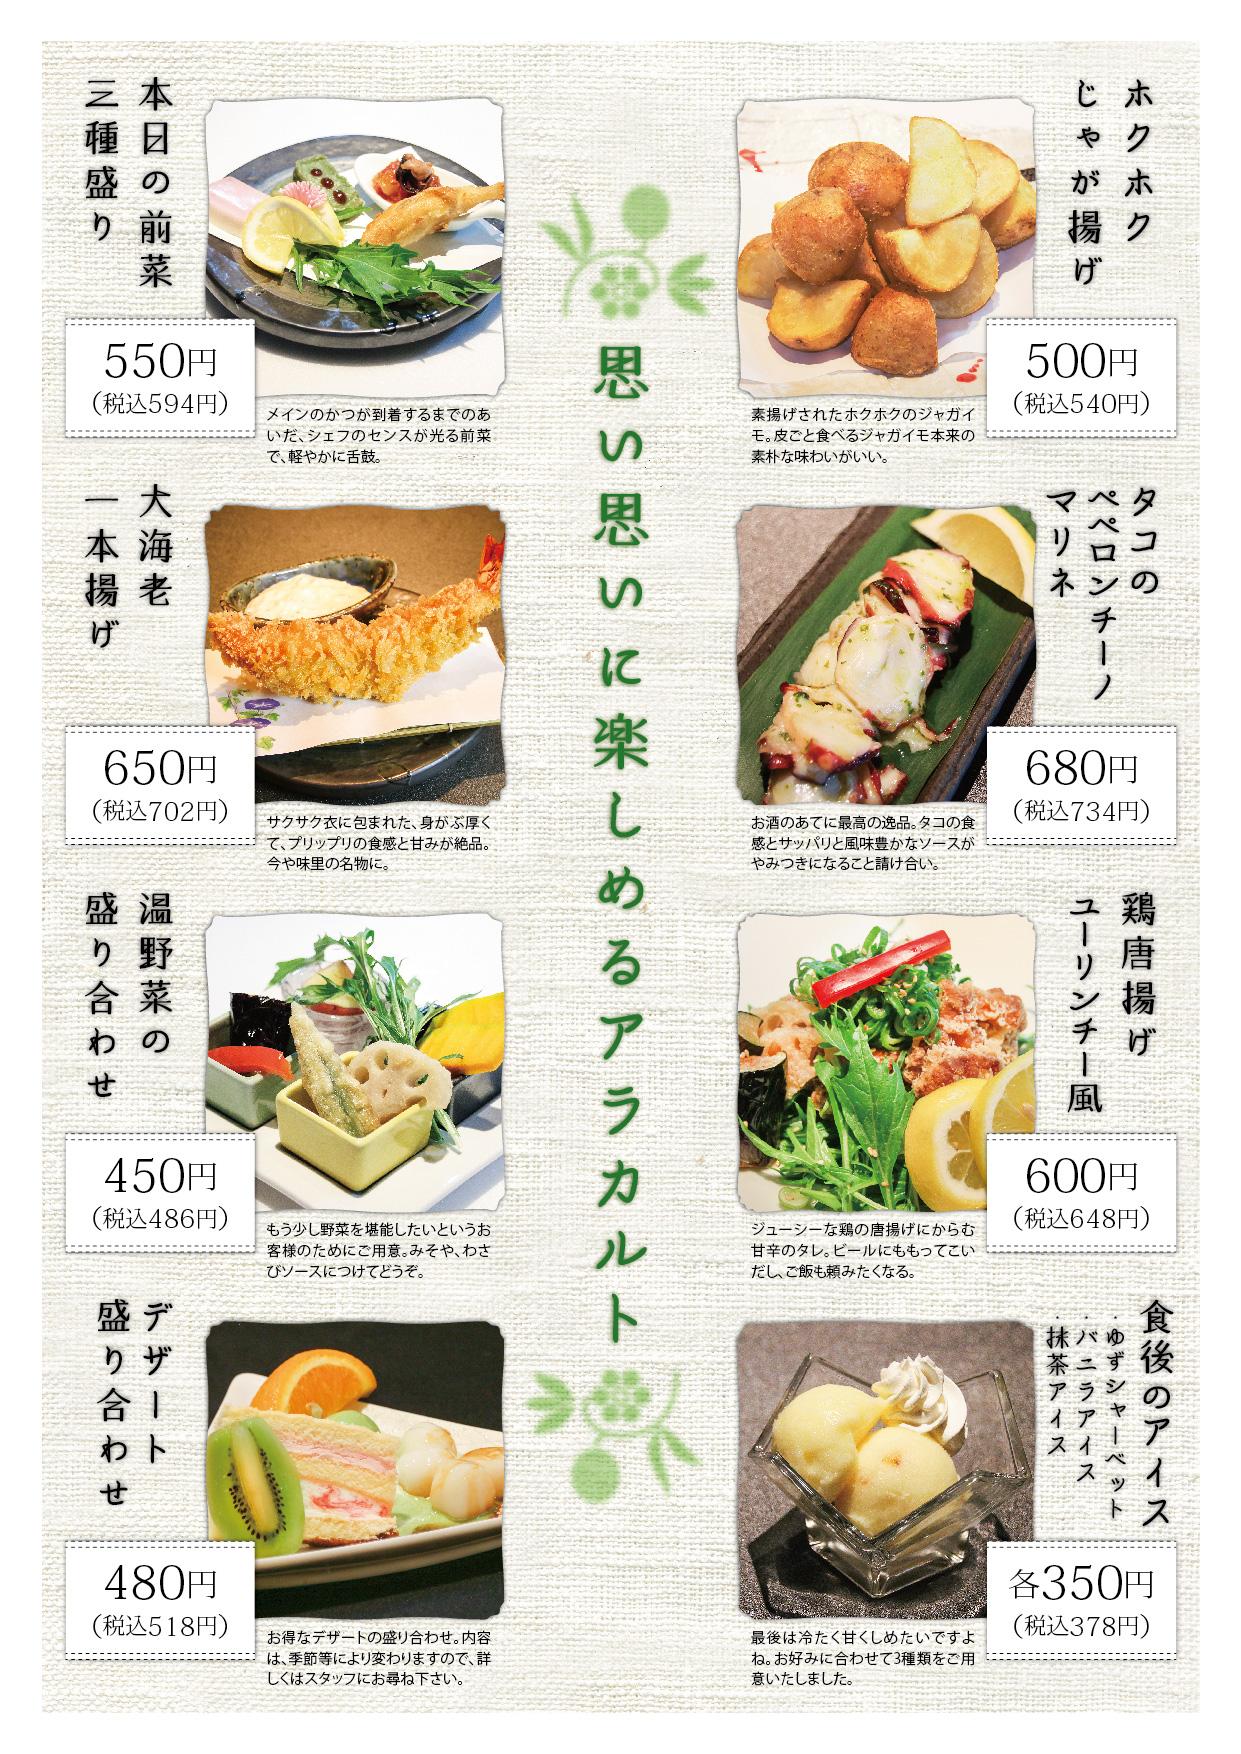 とんかつ味里 飲食店ディナーメニューデザイン12